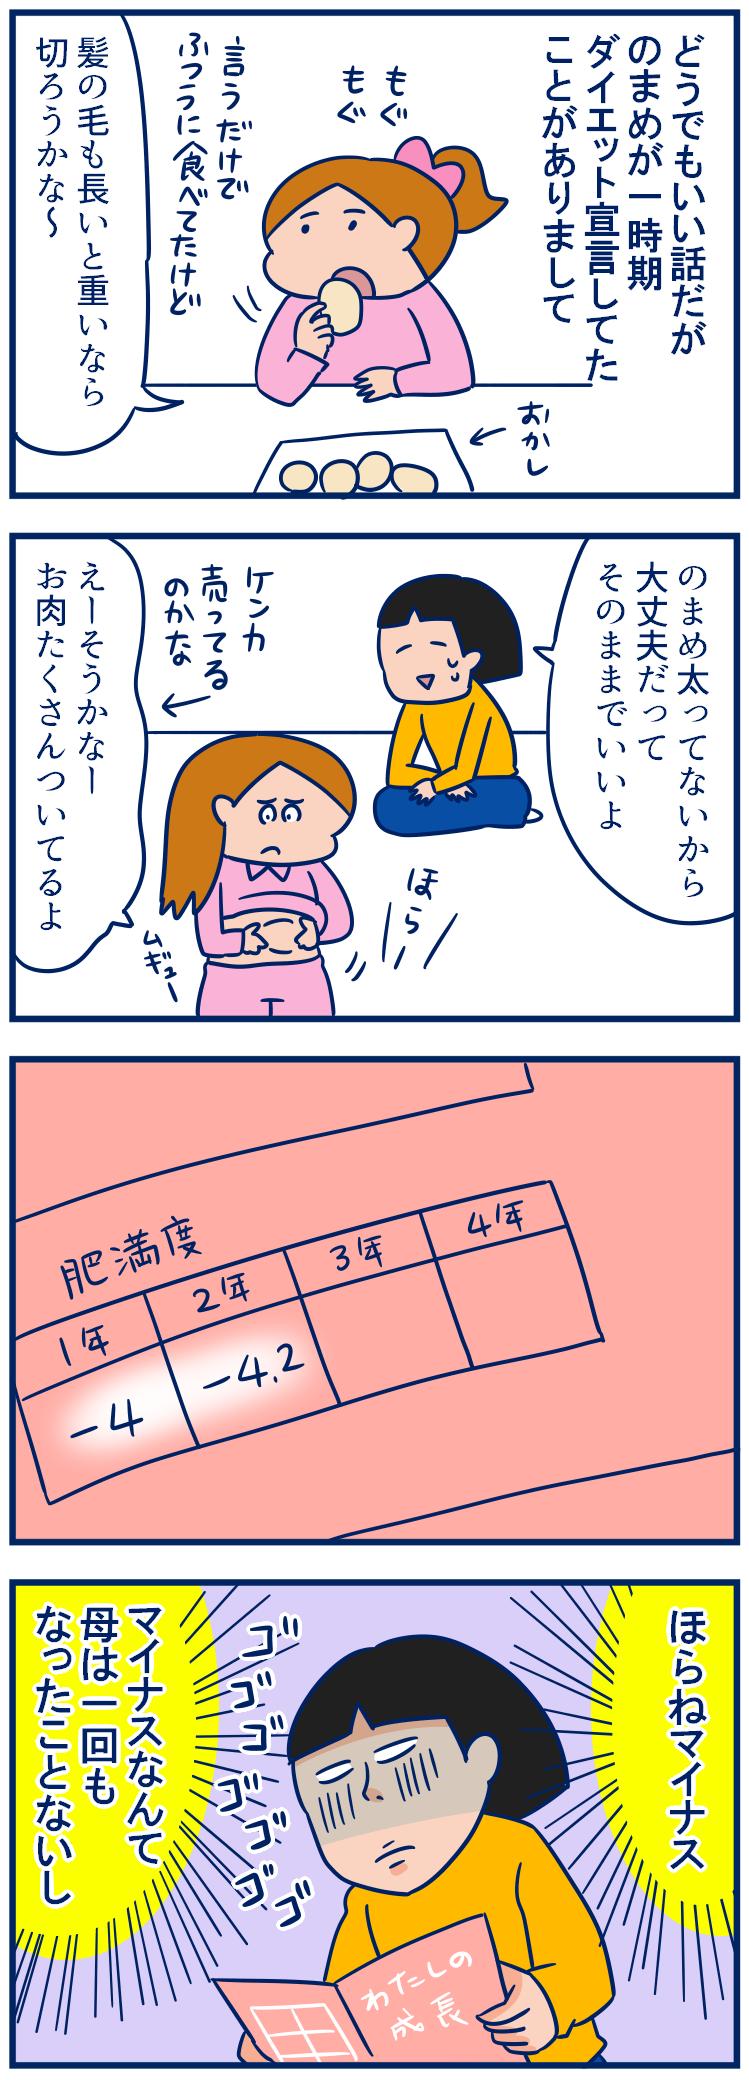 度 マイナス 肥満